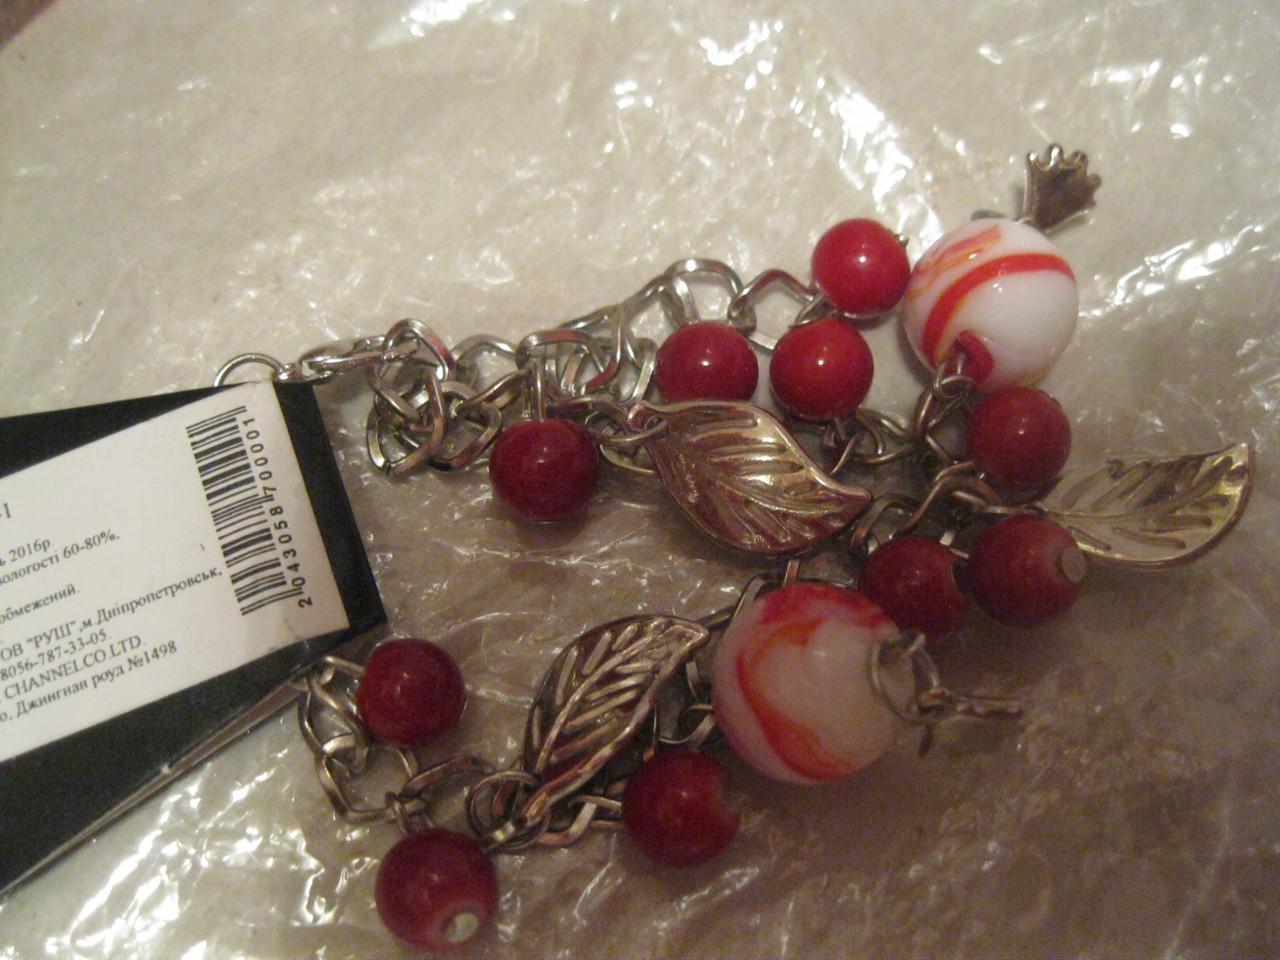 Браслет под серебро бижутерия красные ягодки украшение бижутерия